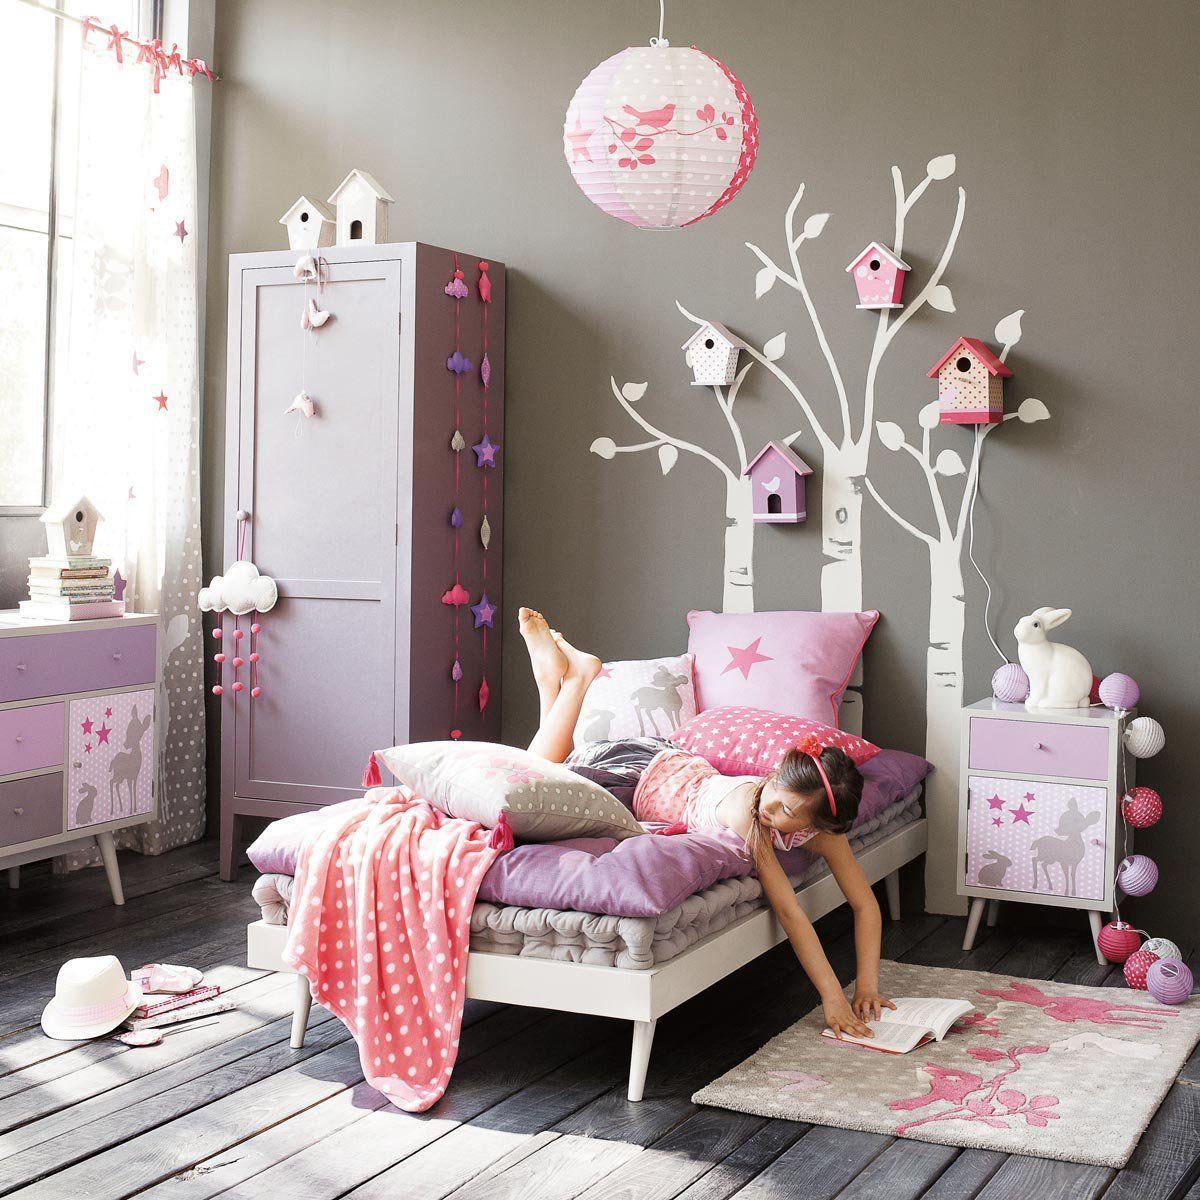 Nature Jpg 1 200 1 200 Pixels Deco Chambre Enfant Idees Deco Chambre Fille Chambre Enfant